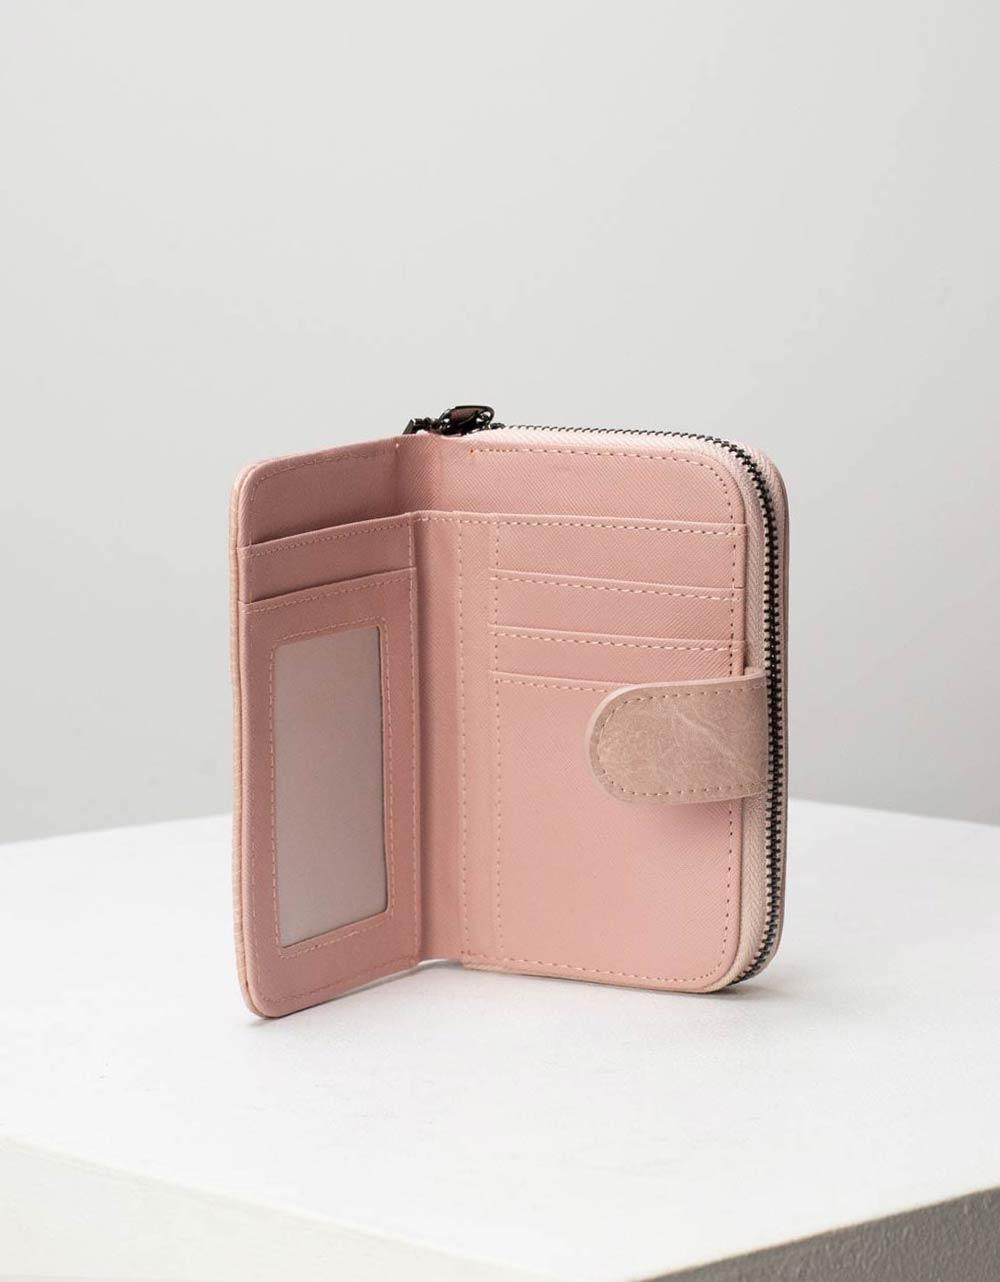 Εικόνα από Γυναικεία πορτοφόλια με κλίπ και θήκη με φερμουάρ Ροζ